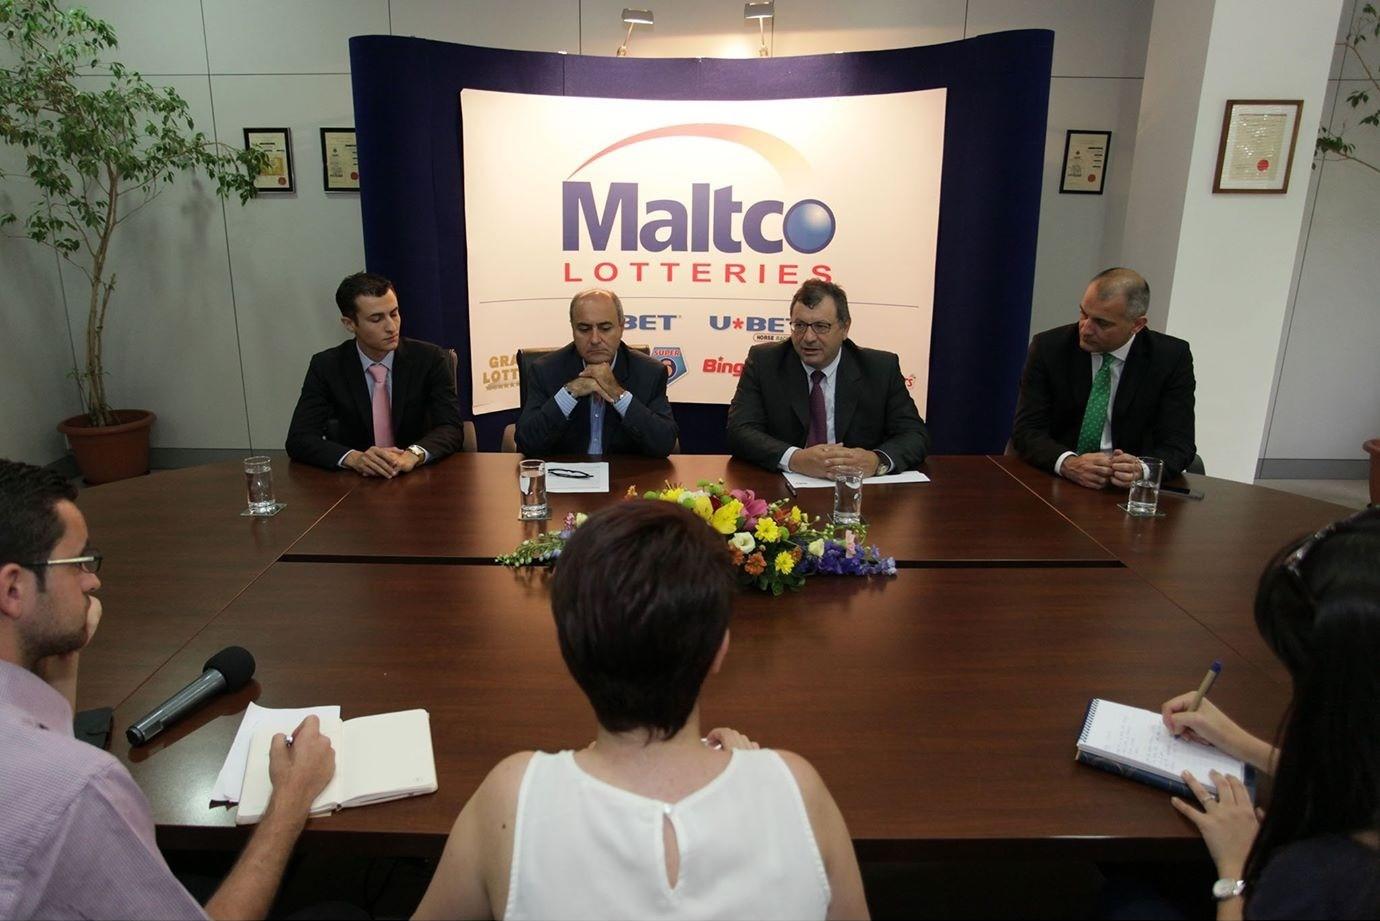 MALTCO supports RGF